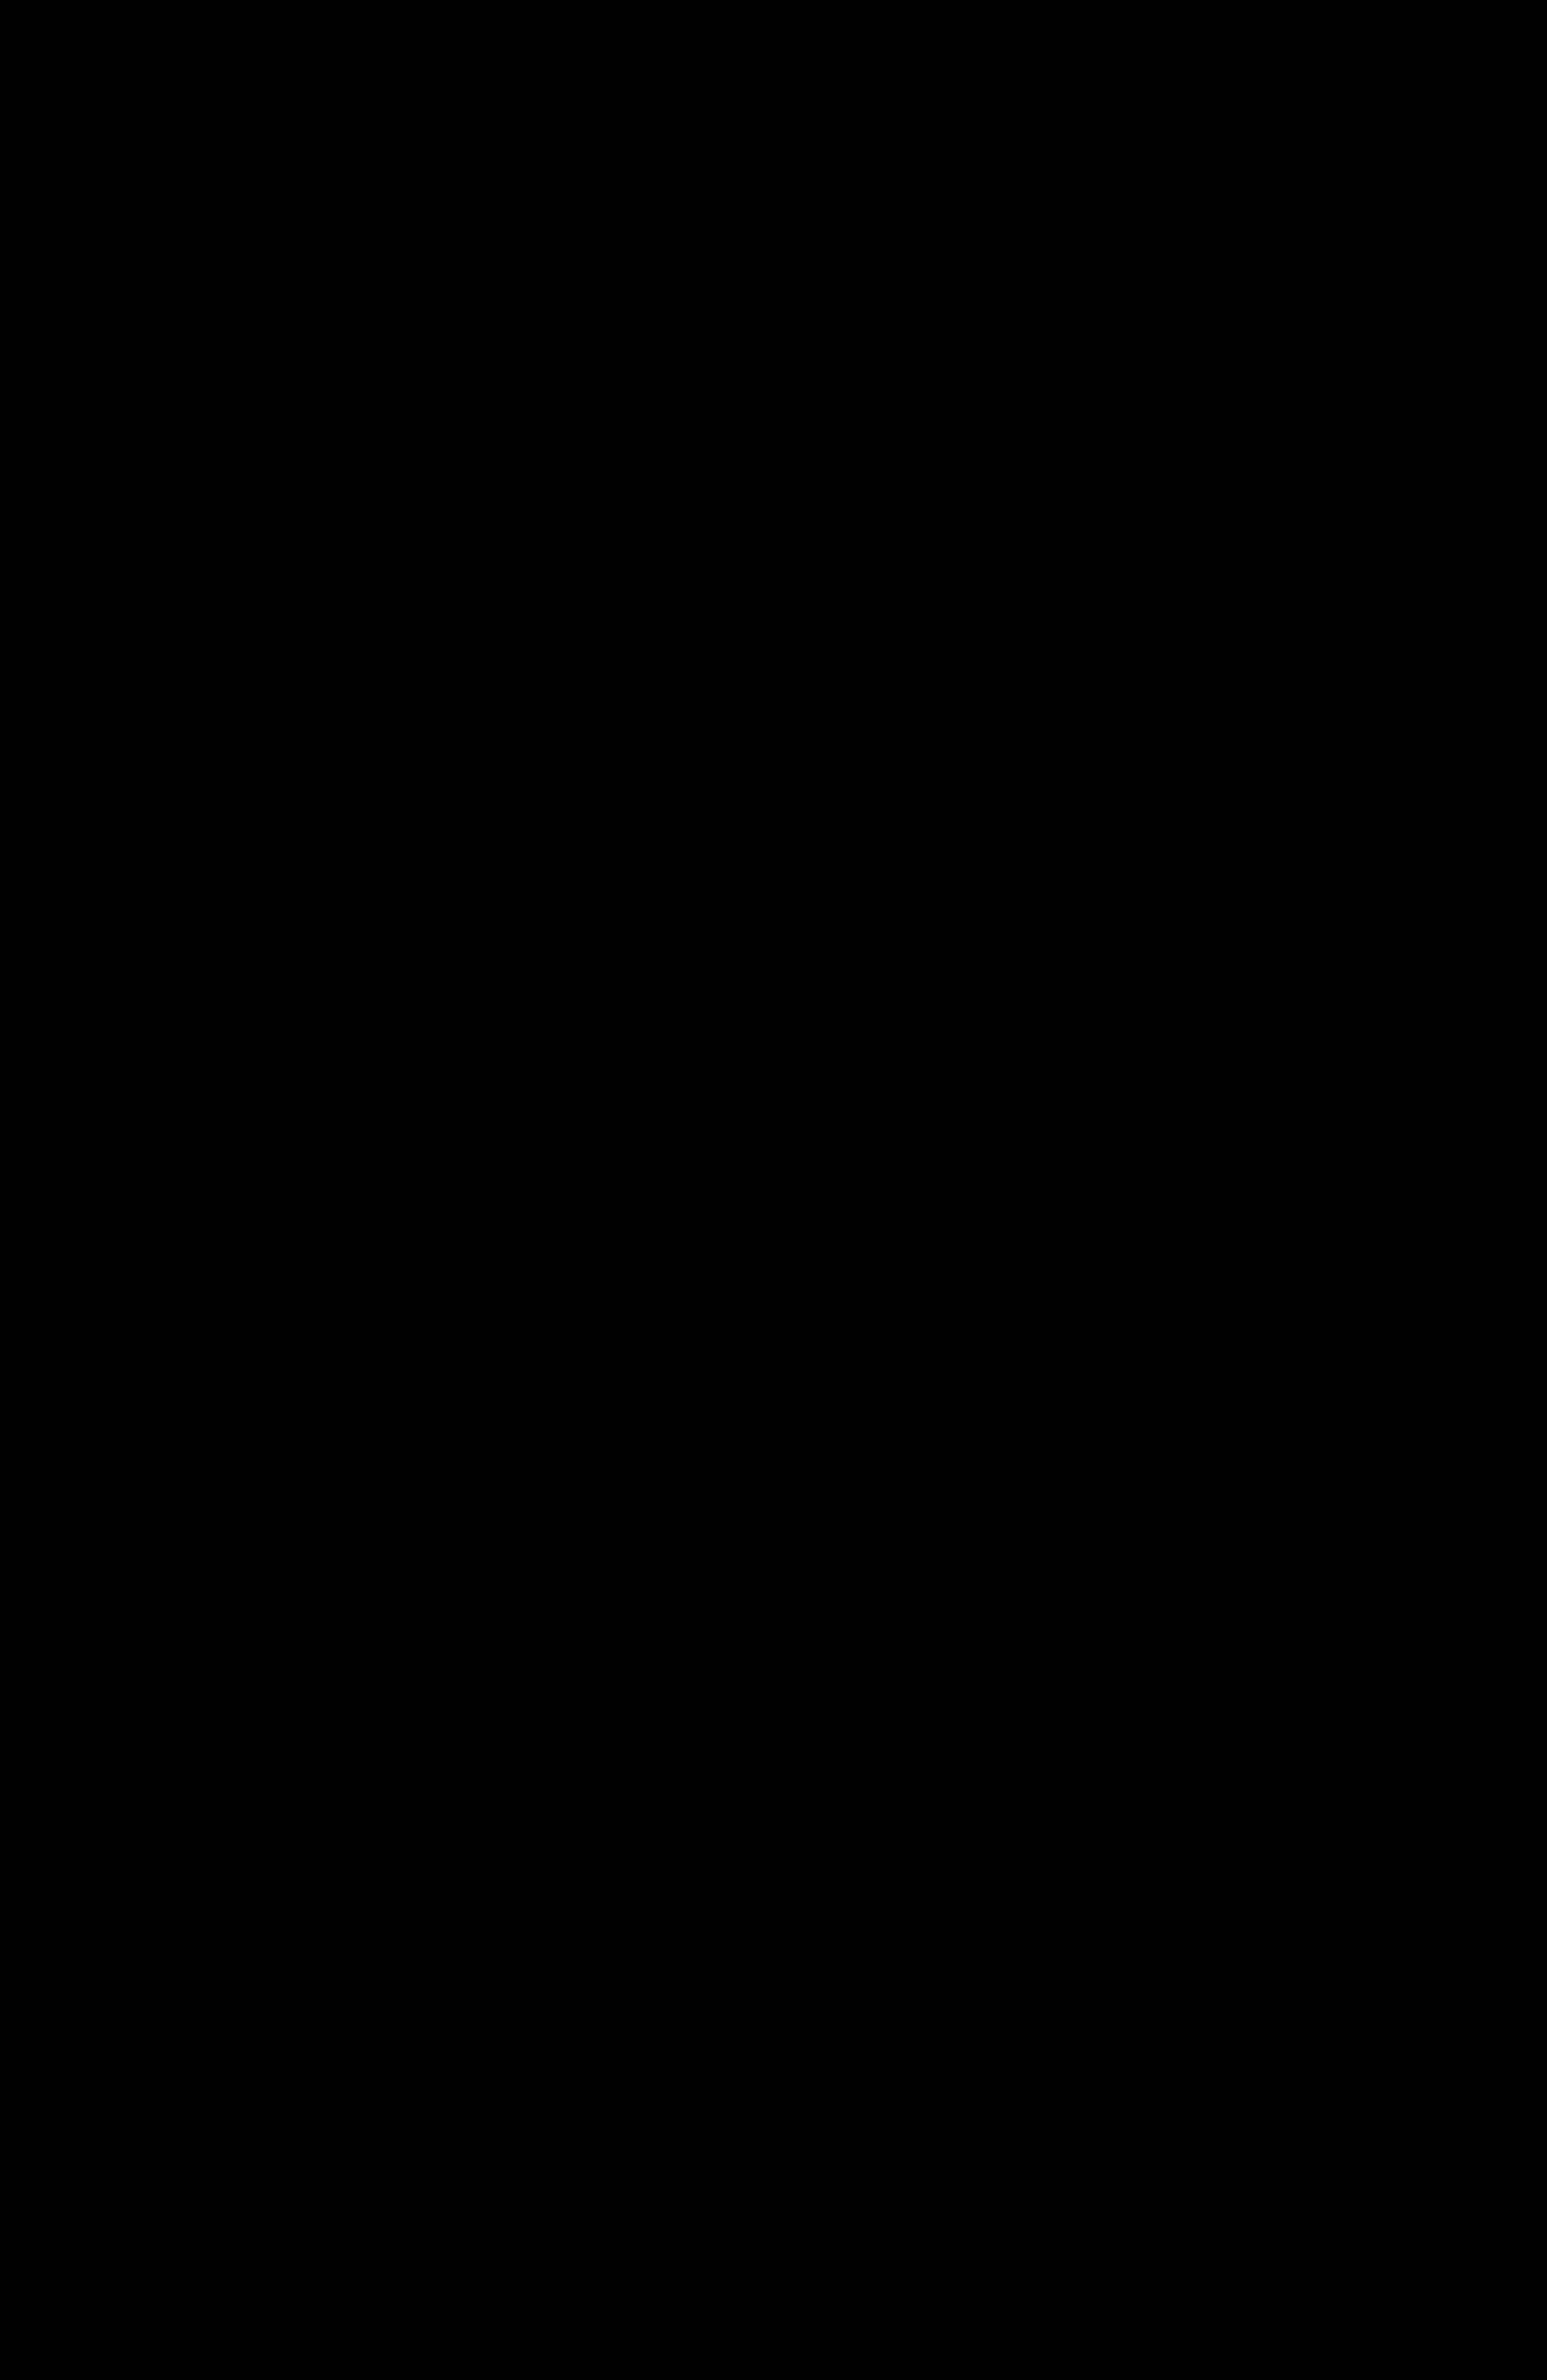 Znalezione Obrazy Dla Zapytania Herb Krakow Kolorowanka Heraldry Coloring Pages Coat Of Arms